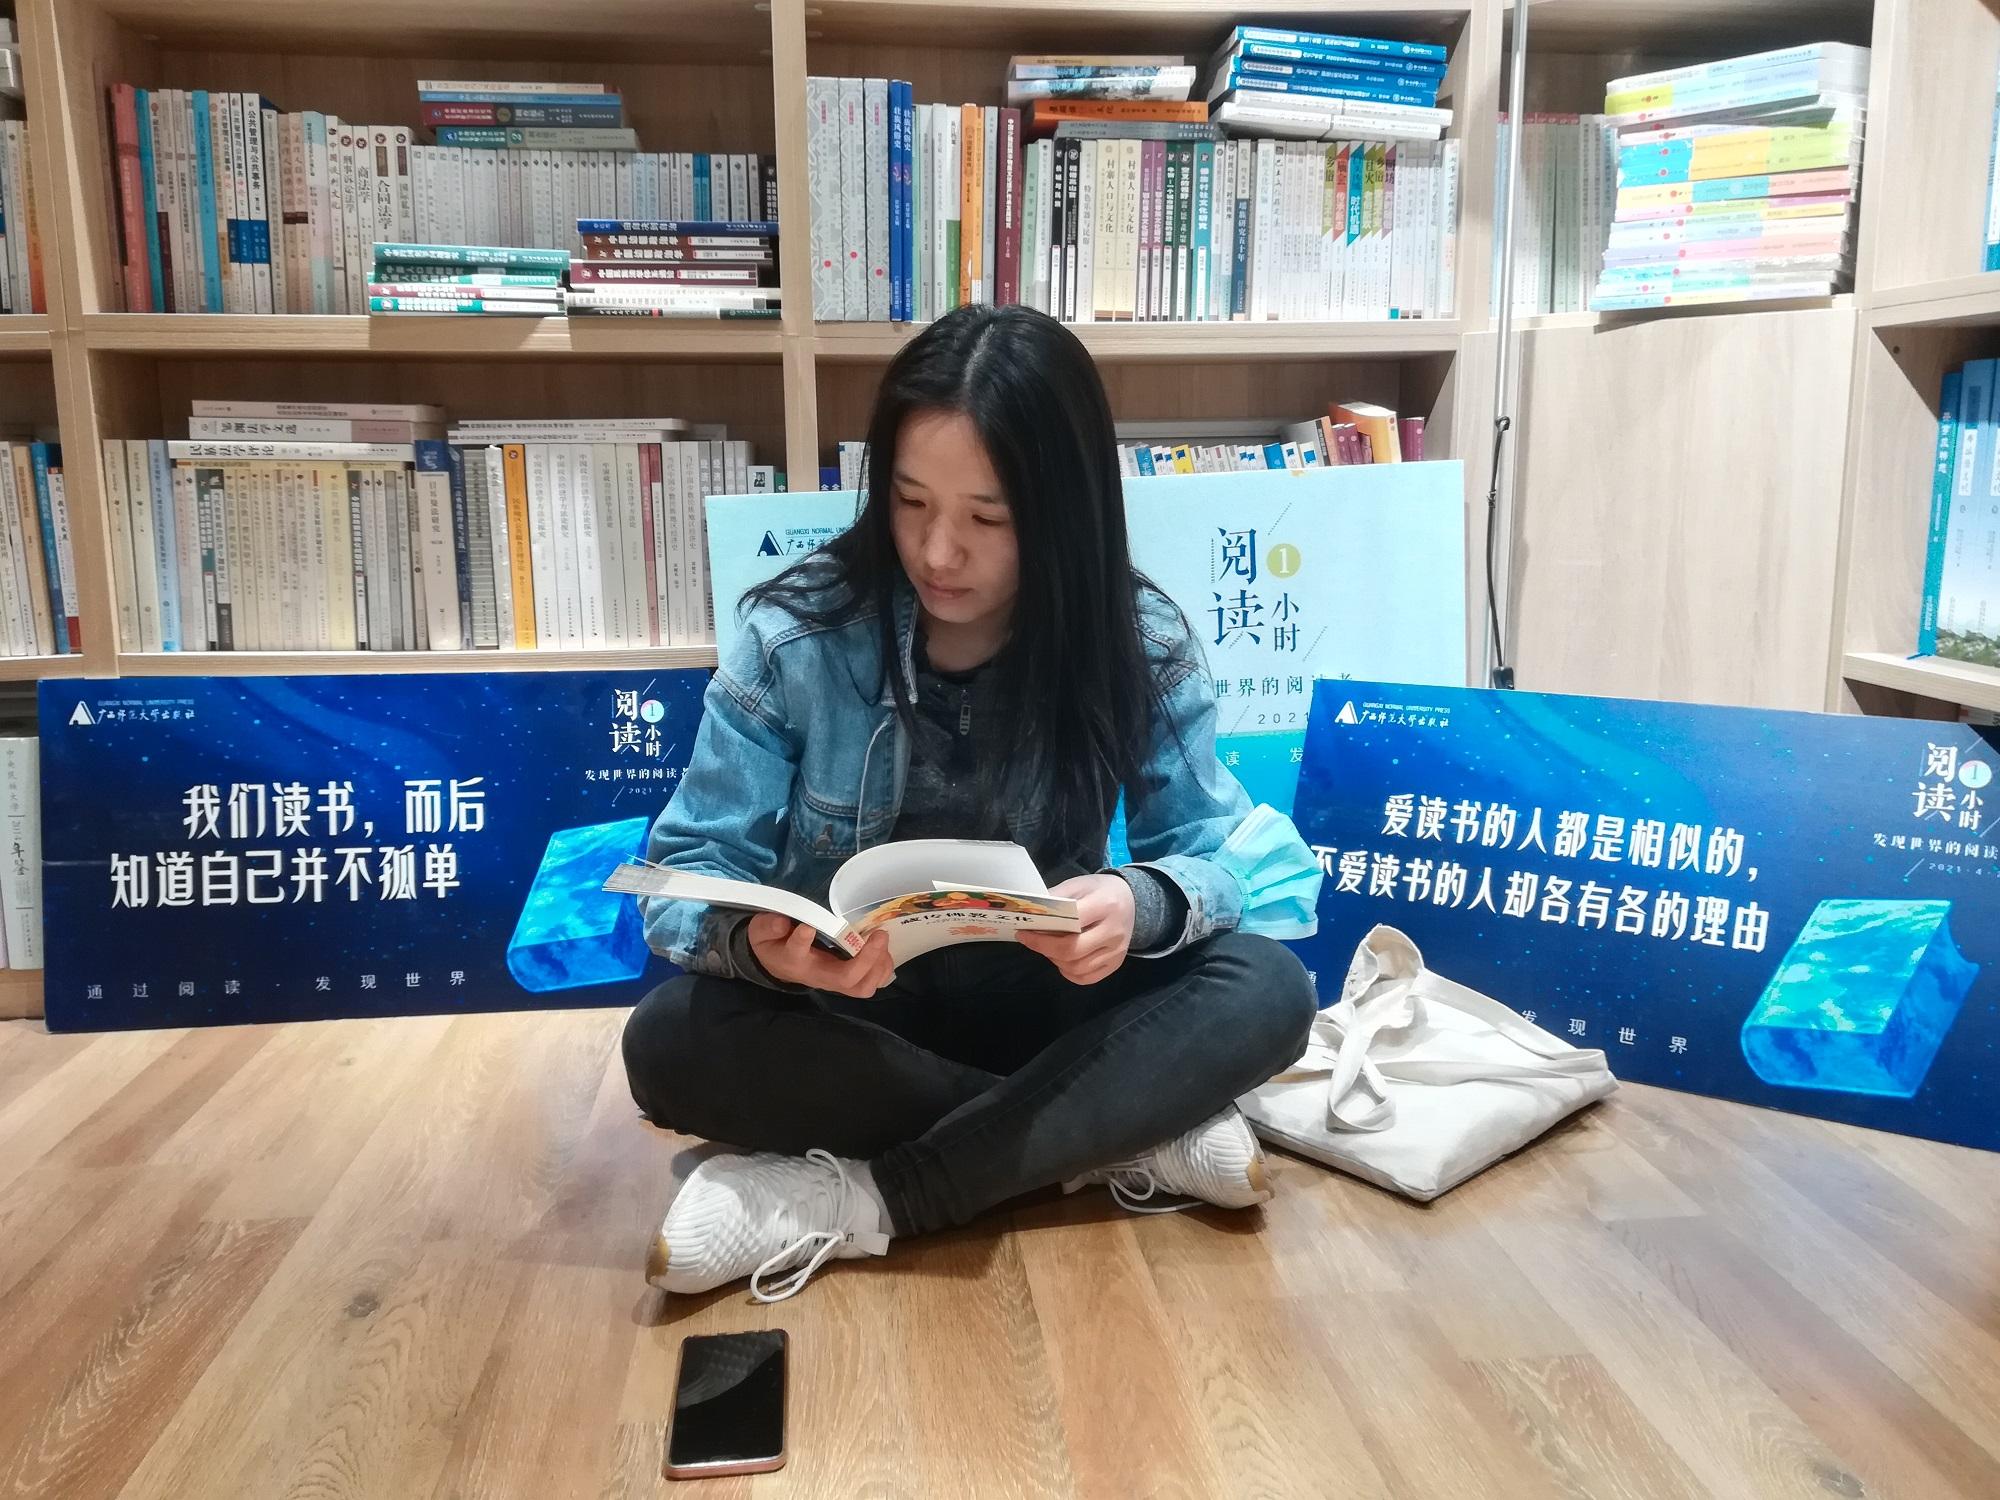 发现世界的阅读者——广西师大社系列活动助推全民阅读常态化-出版人杂志官网